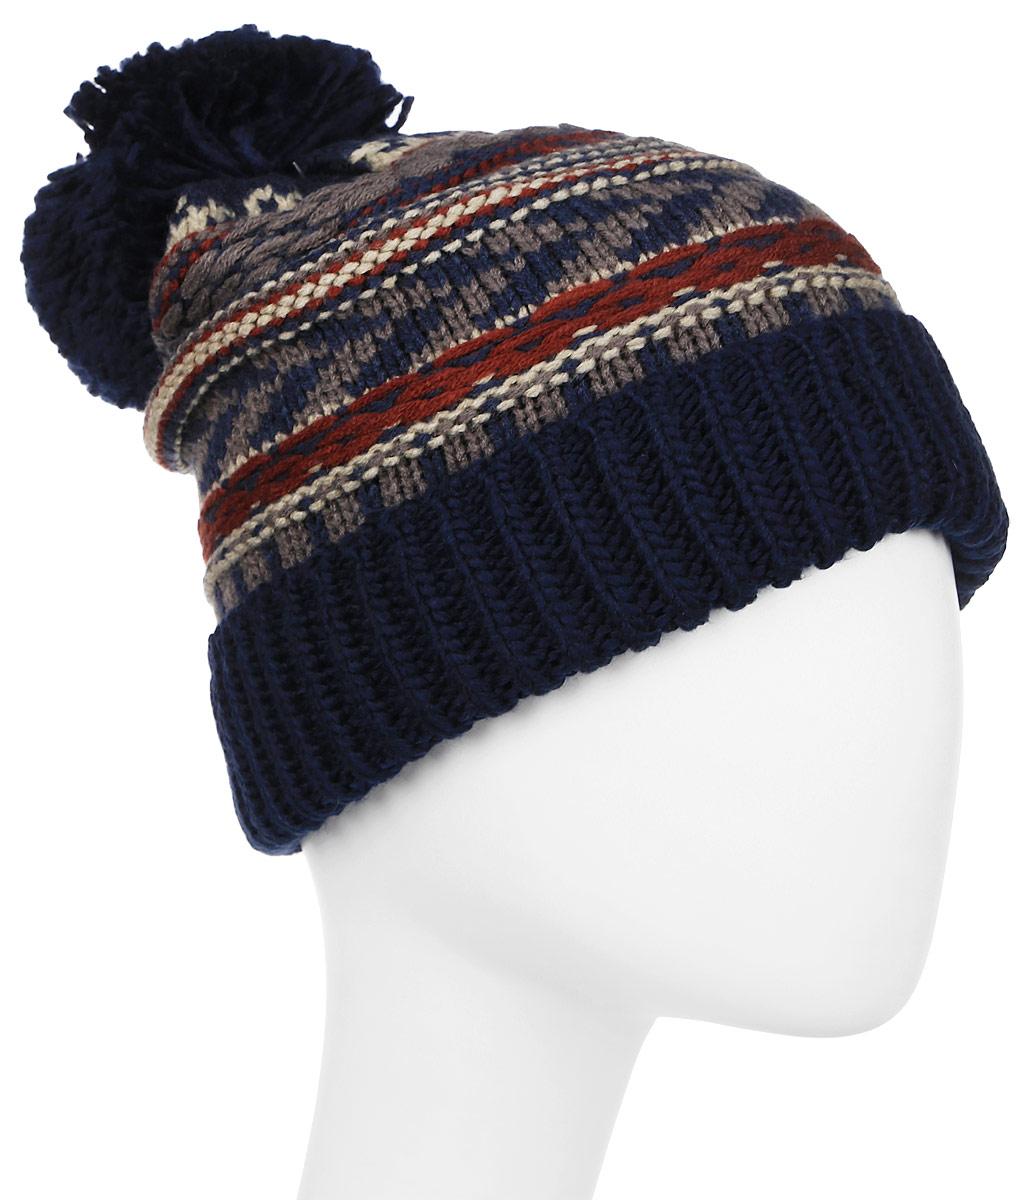 Шапка Columbia Stay Frosty Beanie Hat, цвет: темно-синий. 1749541-464. Размер универсальный1749541-464Удобная и практичная шапка от Columbia пригодится в путешествиях. Модель выполнена из мягкой акриловой пряжи.